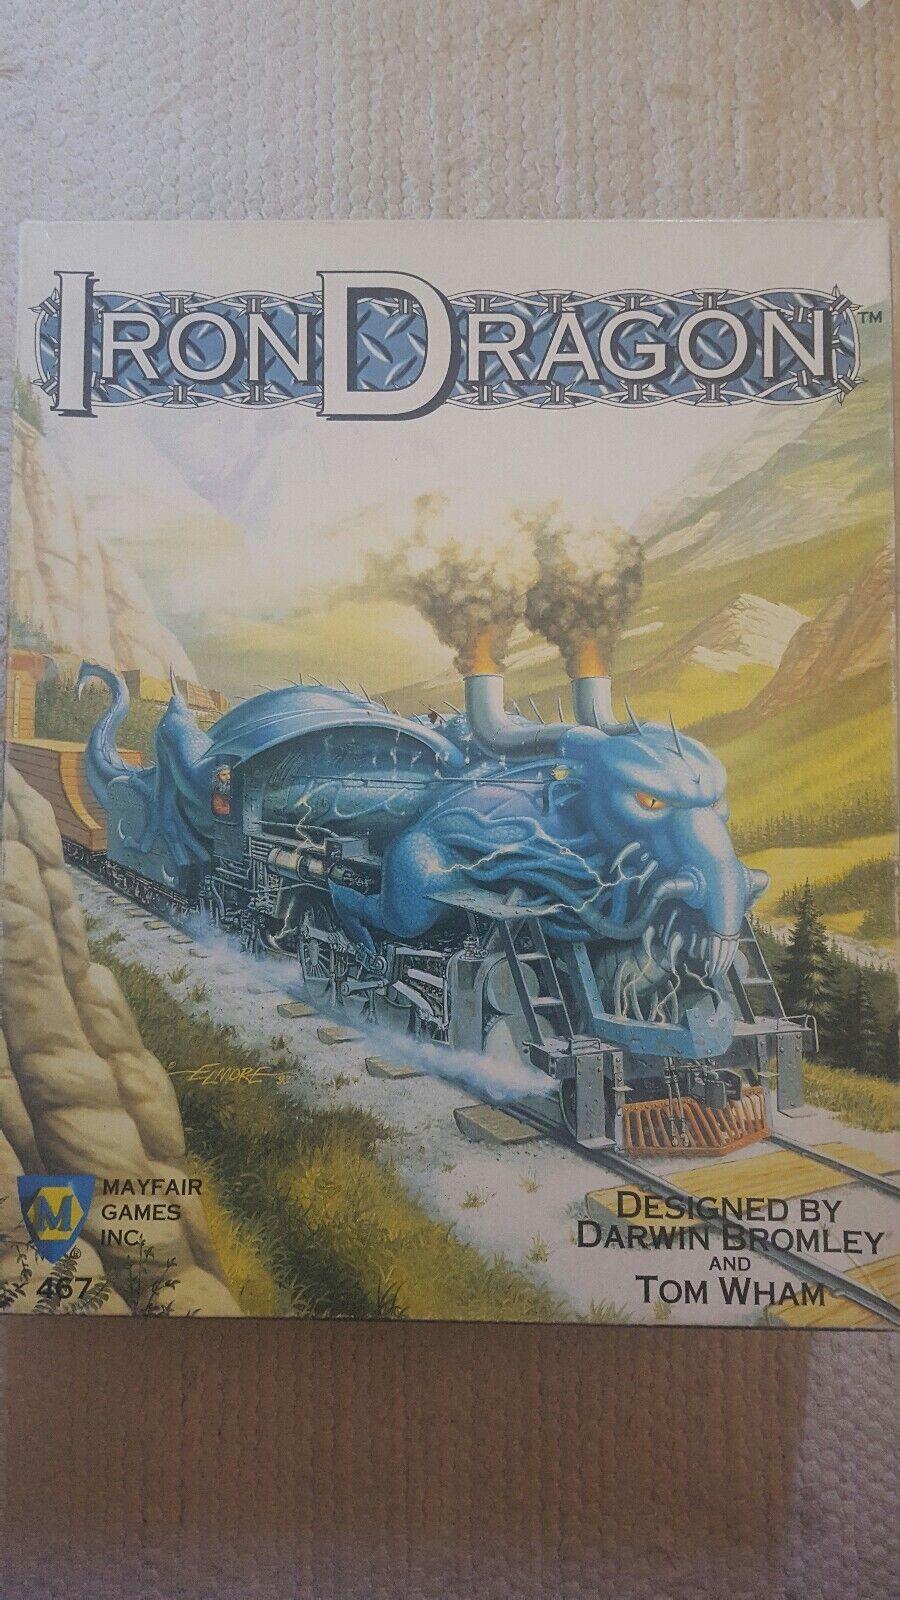 Iron Dragon  Railcostruzione In A fantasyc Le 1994 Mayfair giocos 1st edizione  la migliore offerta del negozio online